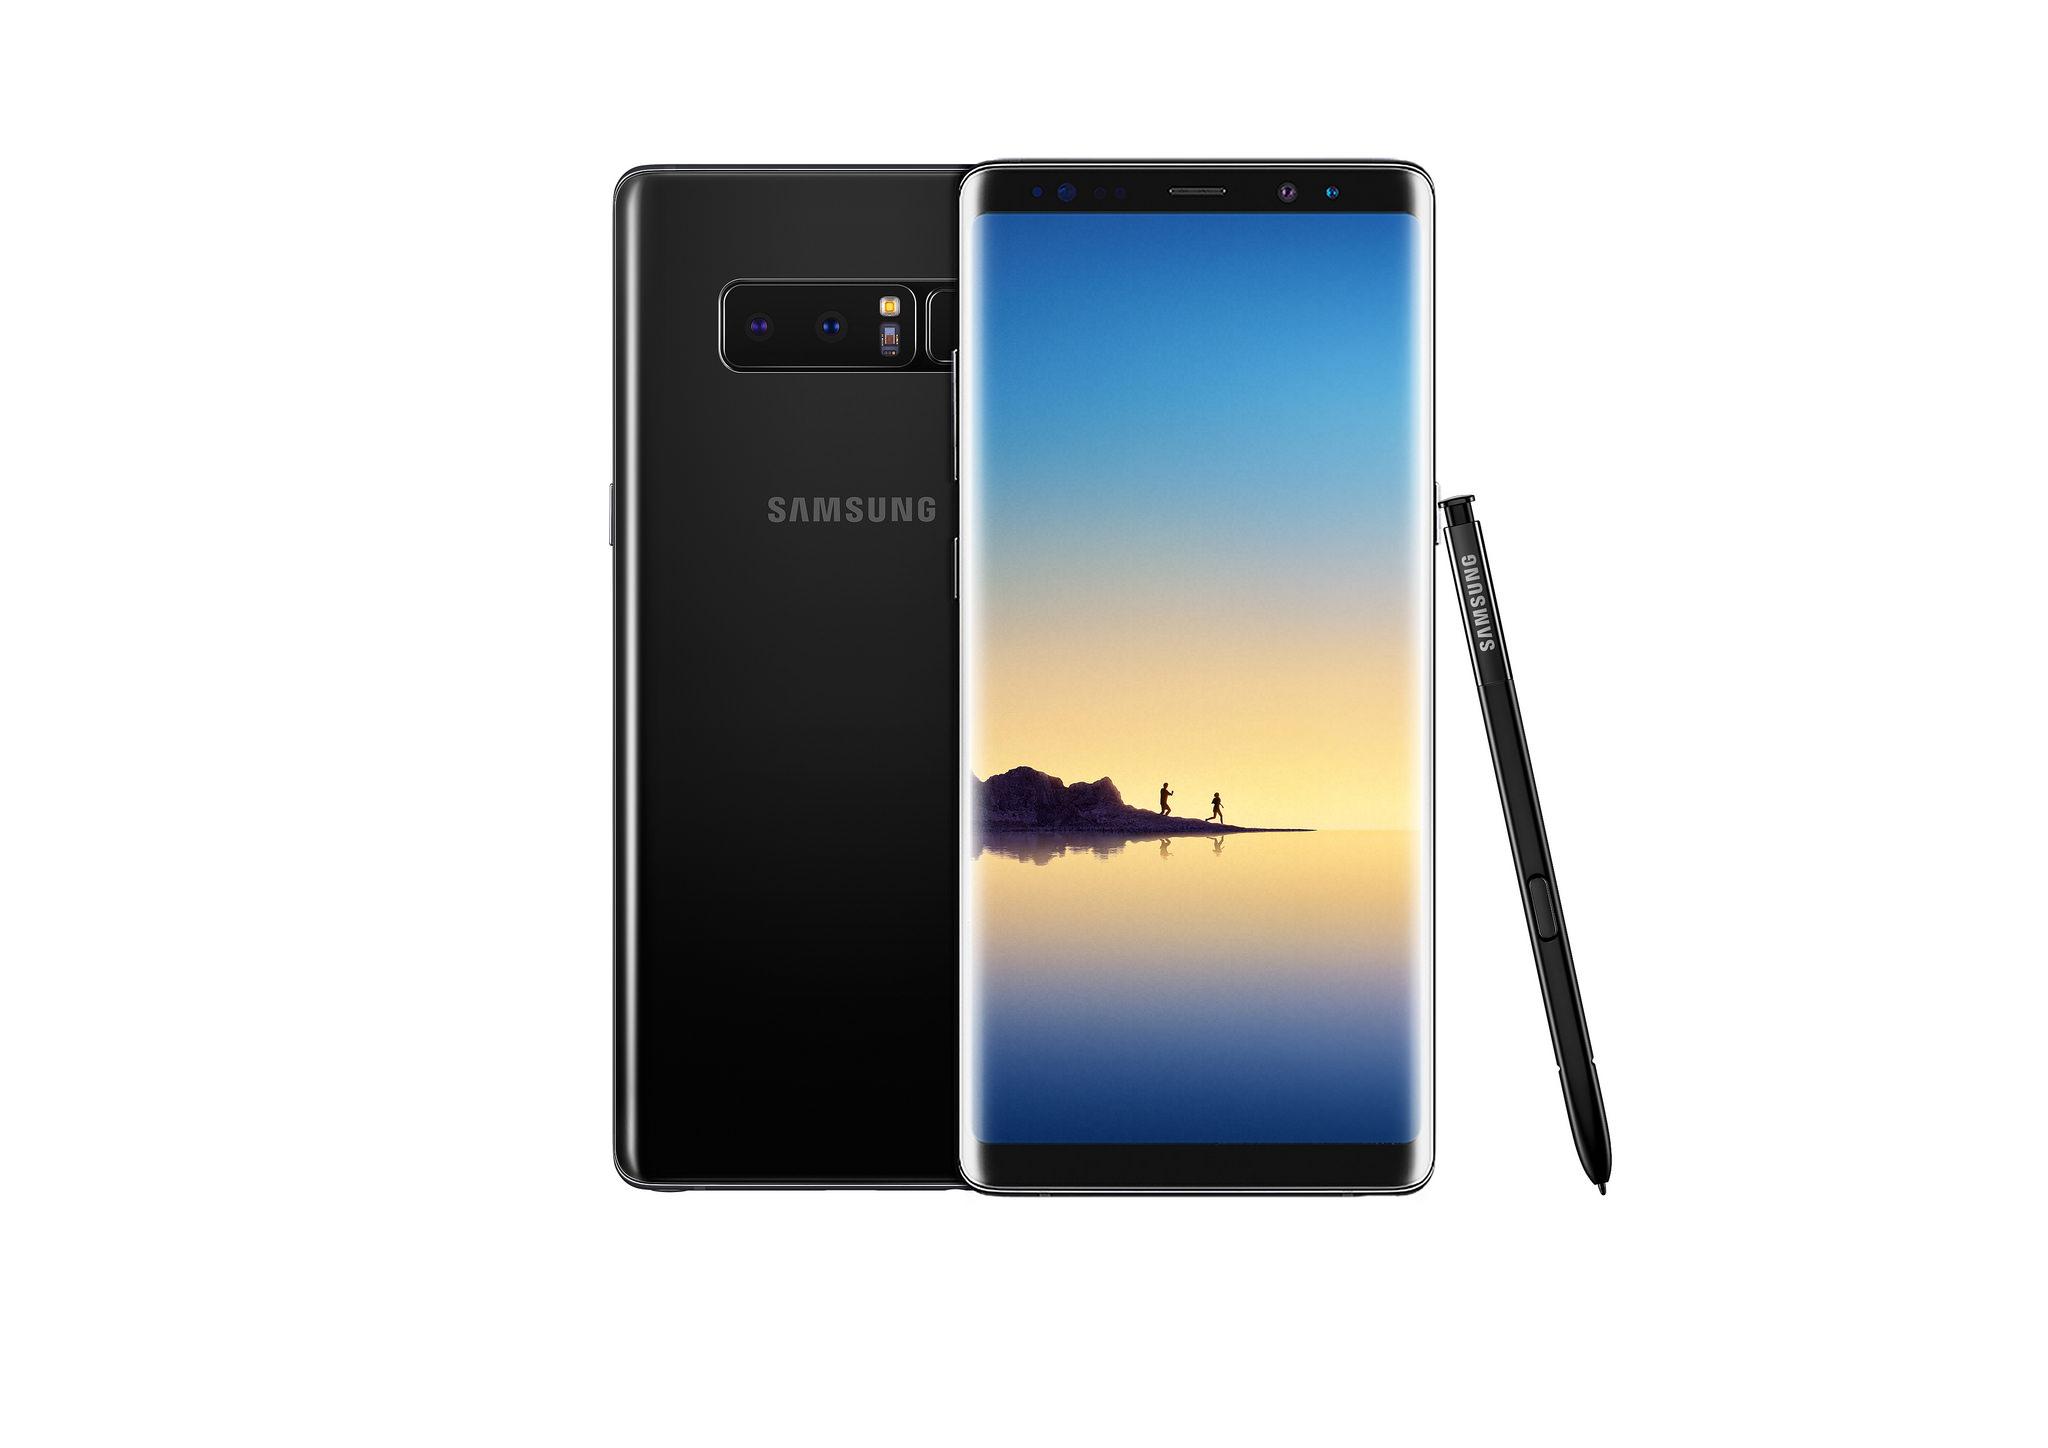 Où acheter le Samsung Galaxy Note 8 au meilleur prix en 2019   La meilleure  offre - FrAndroid 7b09ad331356